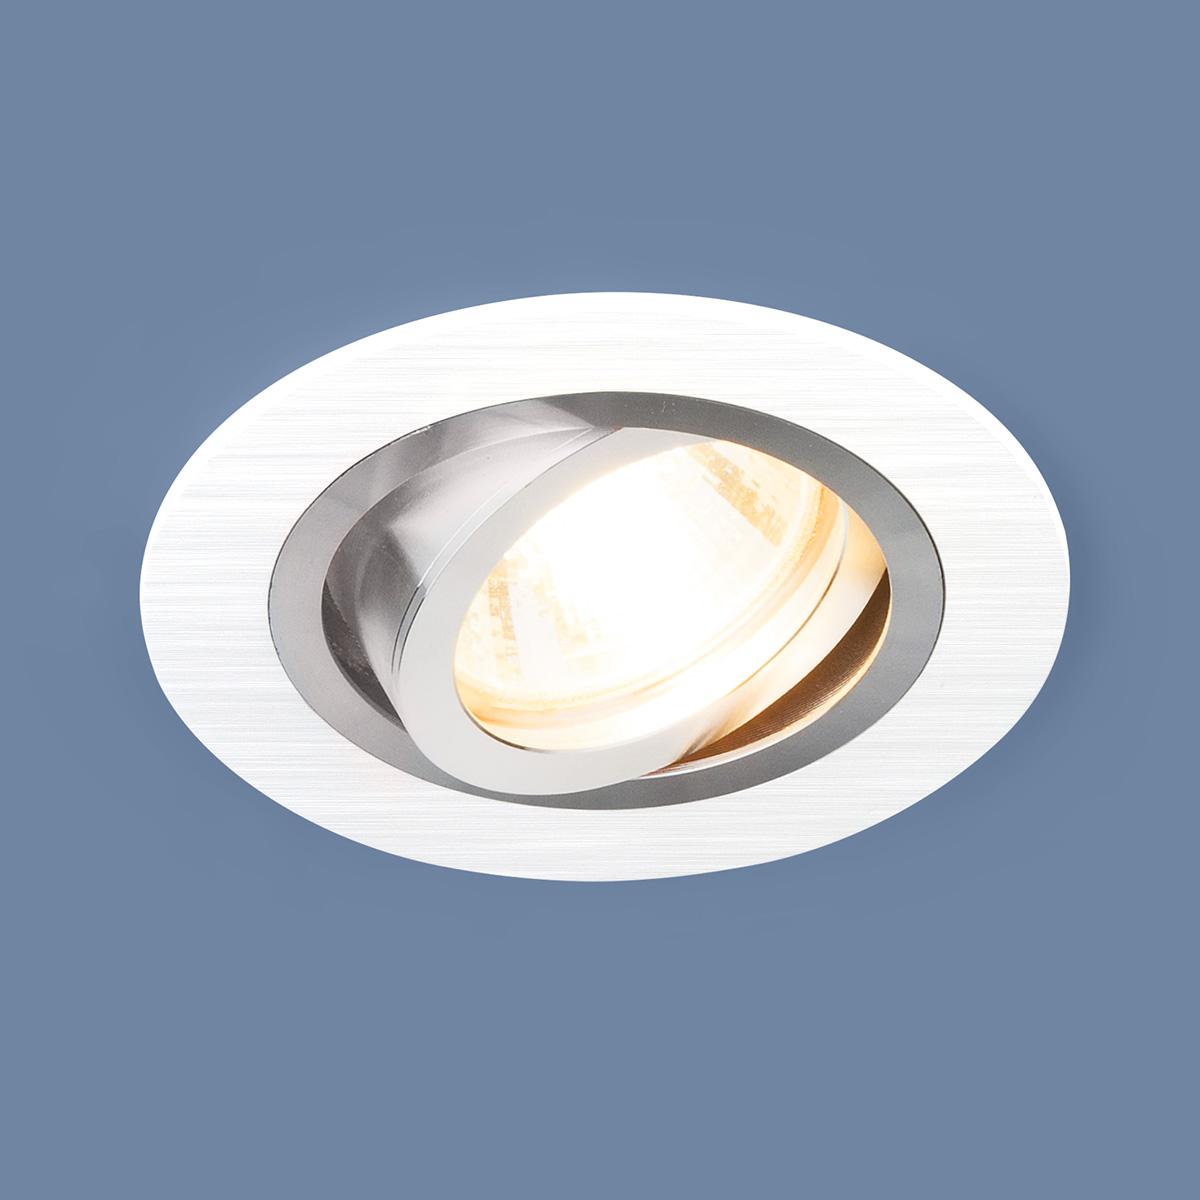 Встраиваемый светильник Elektrostandard, G5.3, 50 Вт светильник встраиваемый поворотный italmac montana 51 1 01 mr16 цвет белый it8091